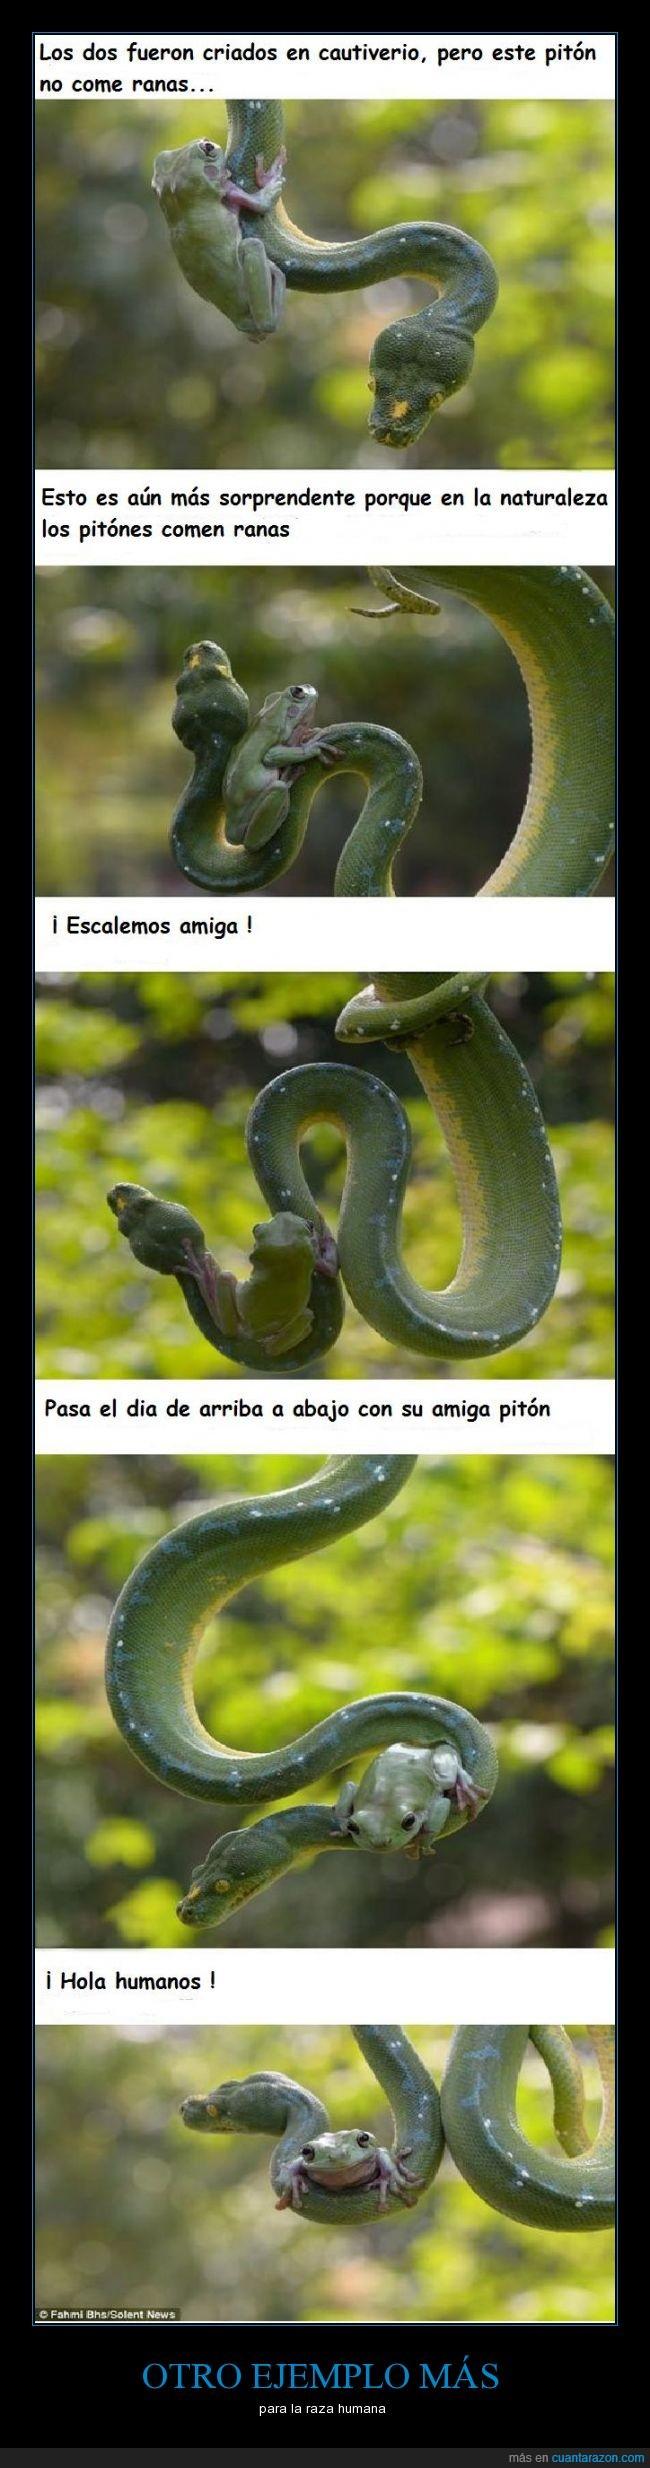 amistad,batracio,boa,convivir,culebra,pitón,rana,serpiente,víbora